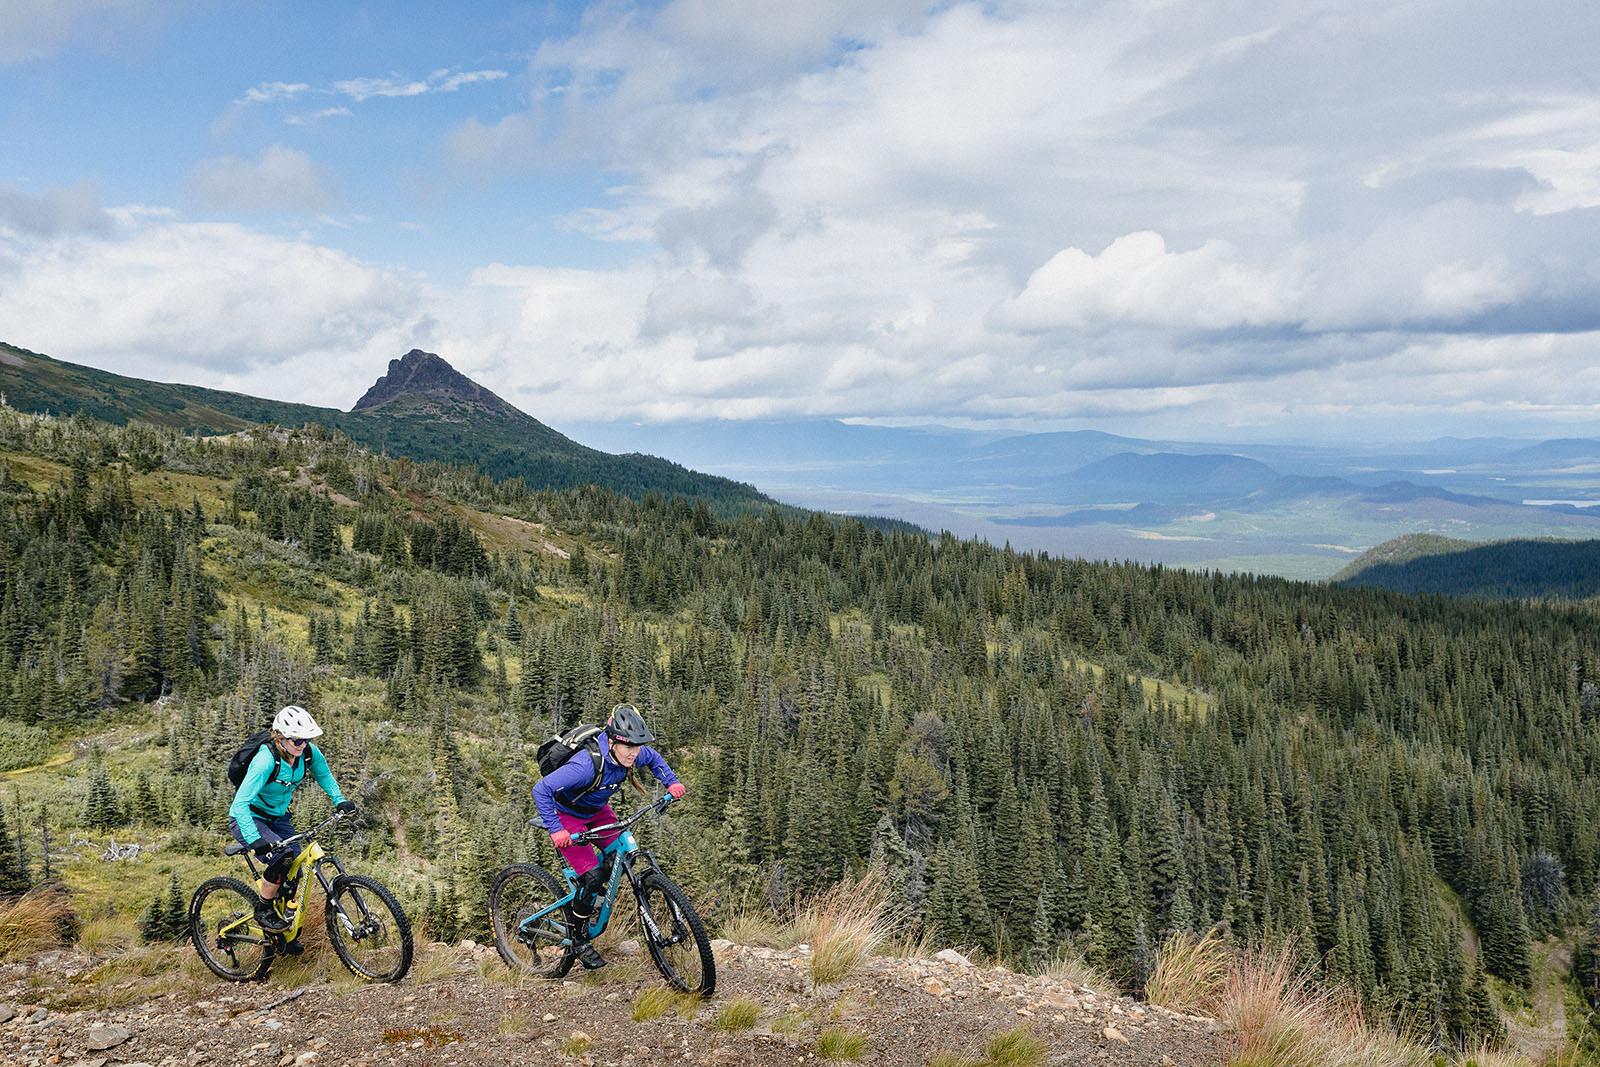 Juliana Bicycles - Britt Phelan and Sarah Leishman on Cronin Pass